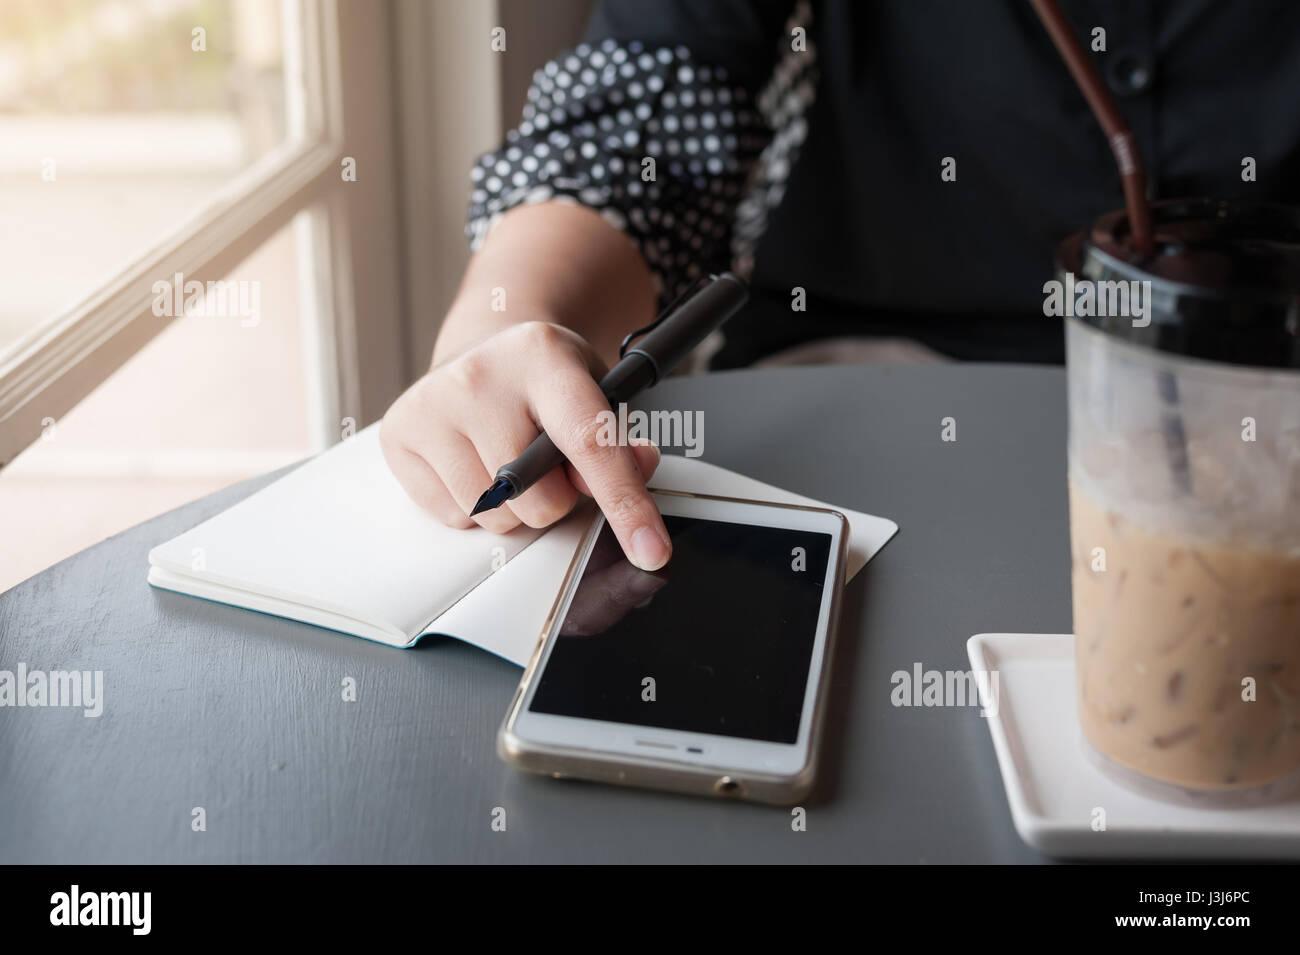 Frau Hand beim Schreiben etwas in Coffee-Shop auf Smartphone-Bildschirm berühren. Arbeiten von überall Stockbild